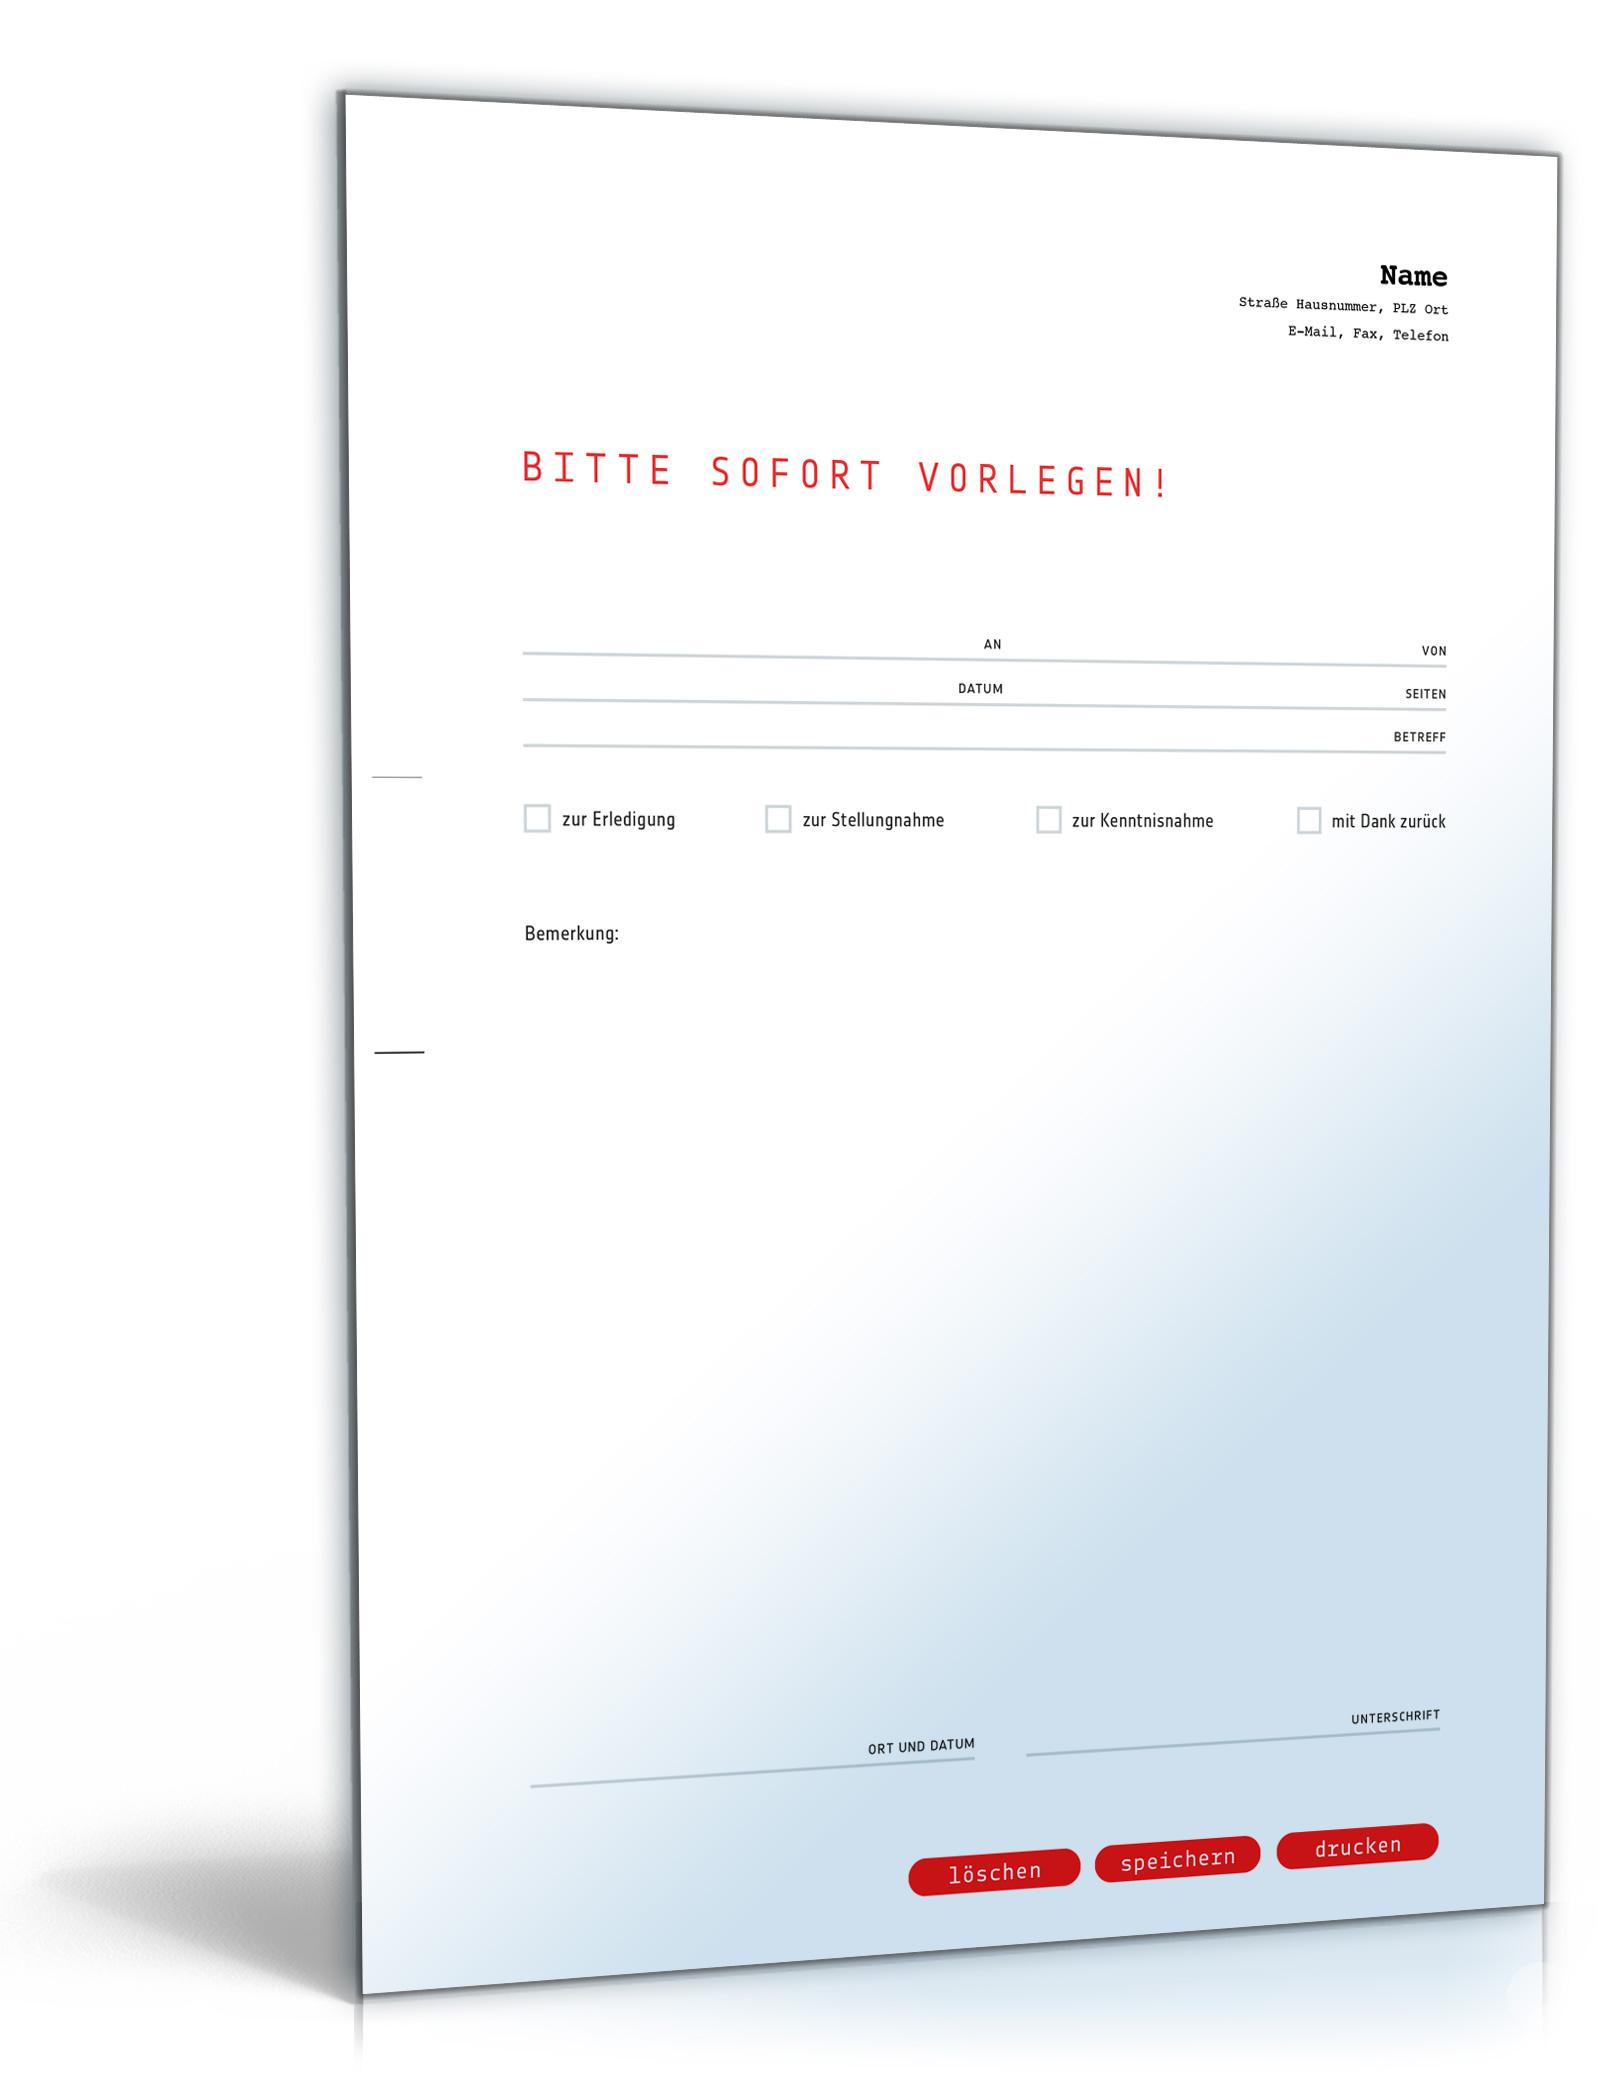 Faxvorlage (dringend)